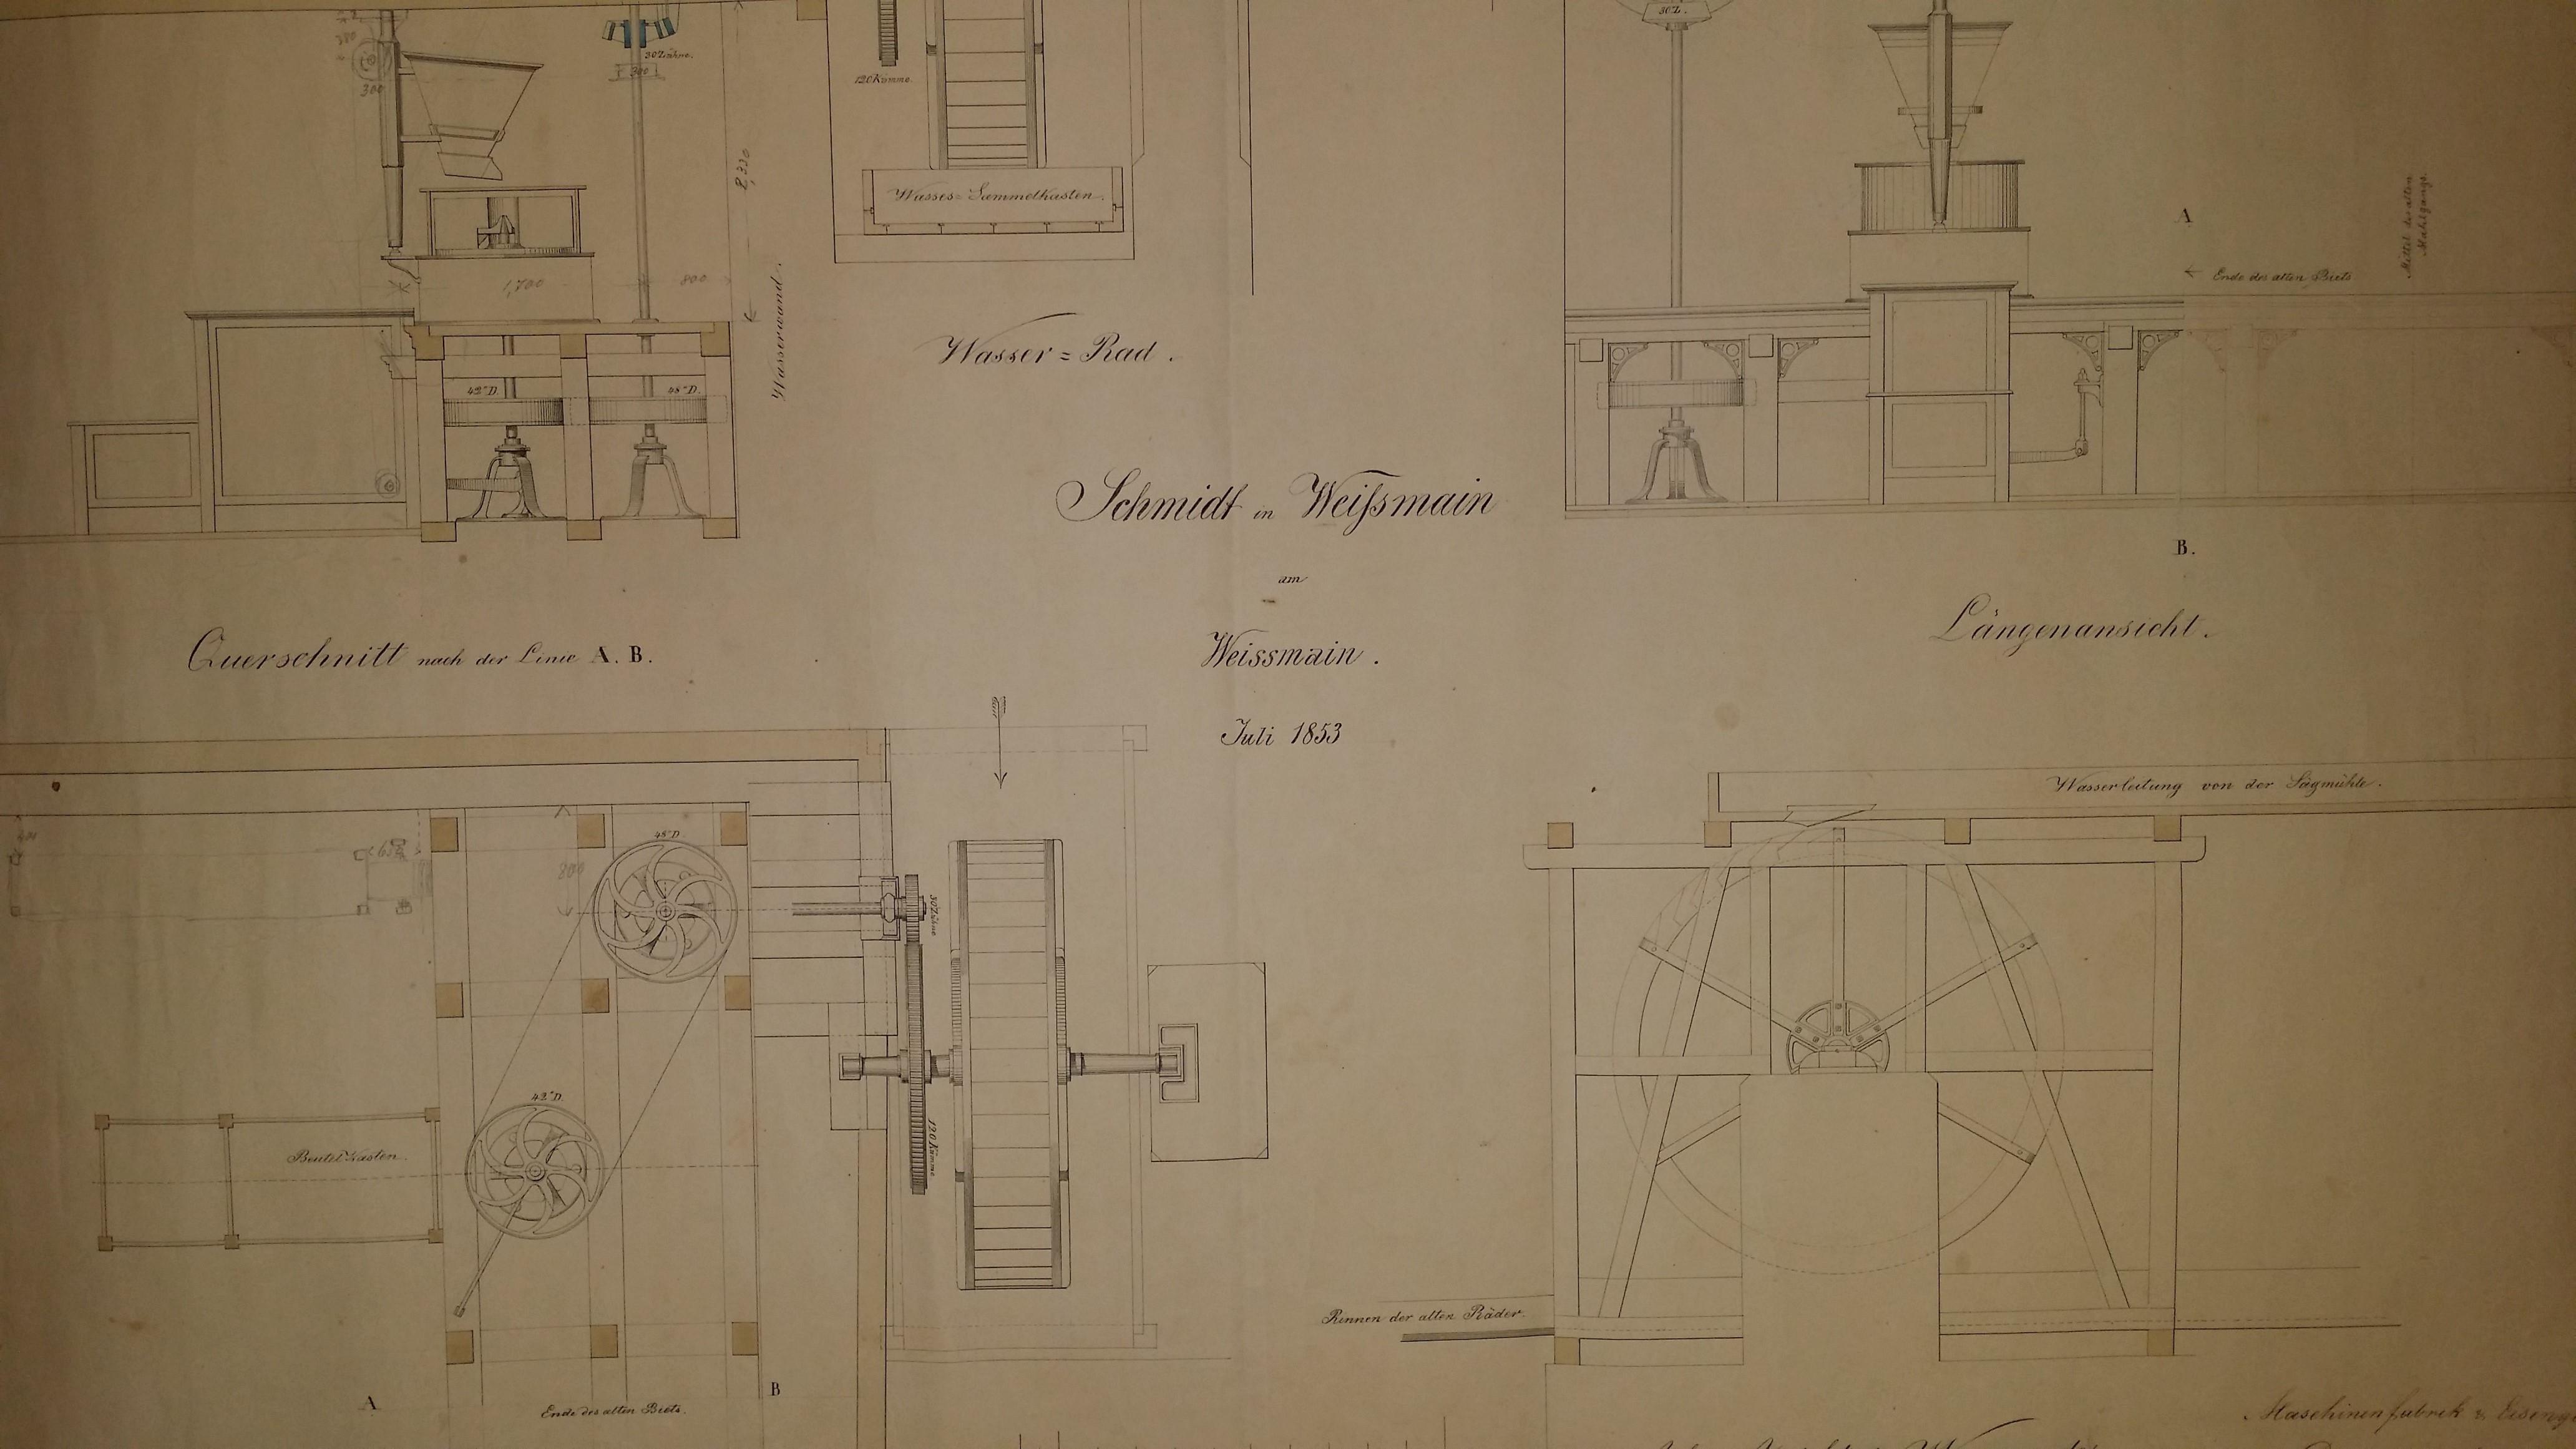 Technischer Plan: Wasserrad für Firma Schmidt in Weißmain (StadtA Lauf, o. Sig.)